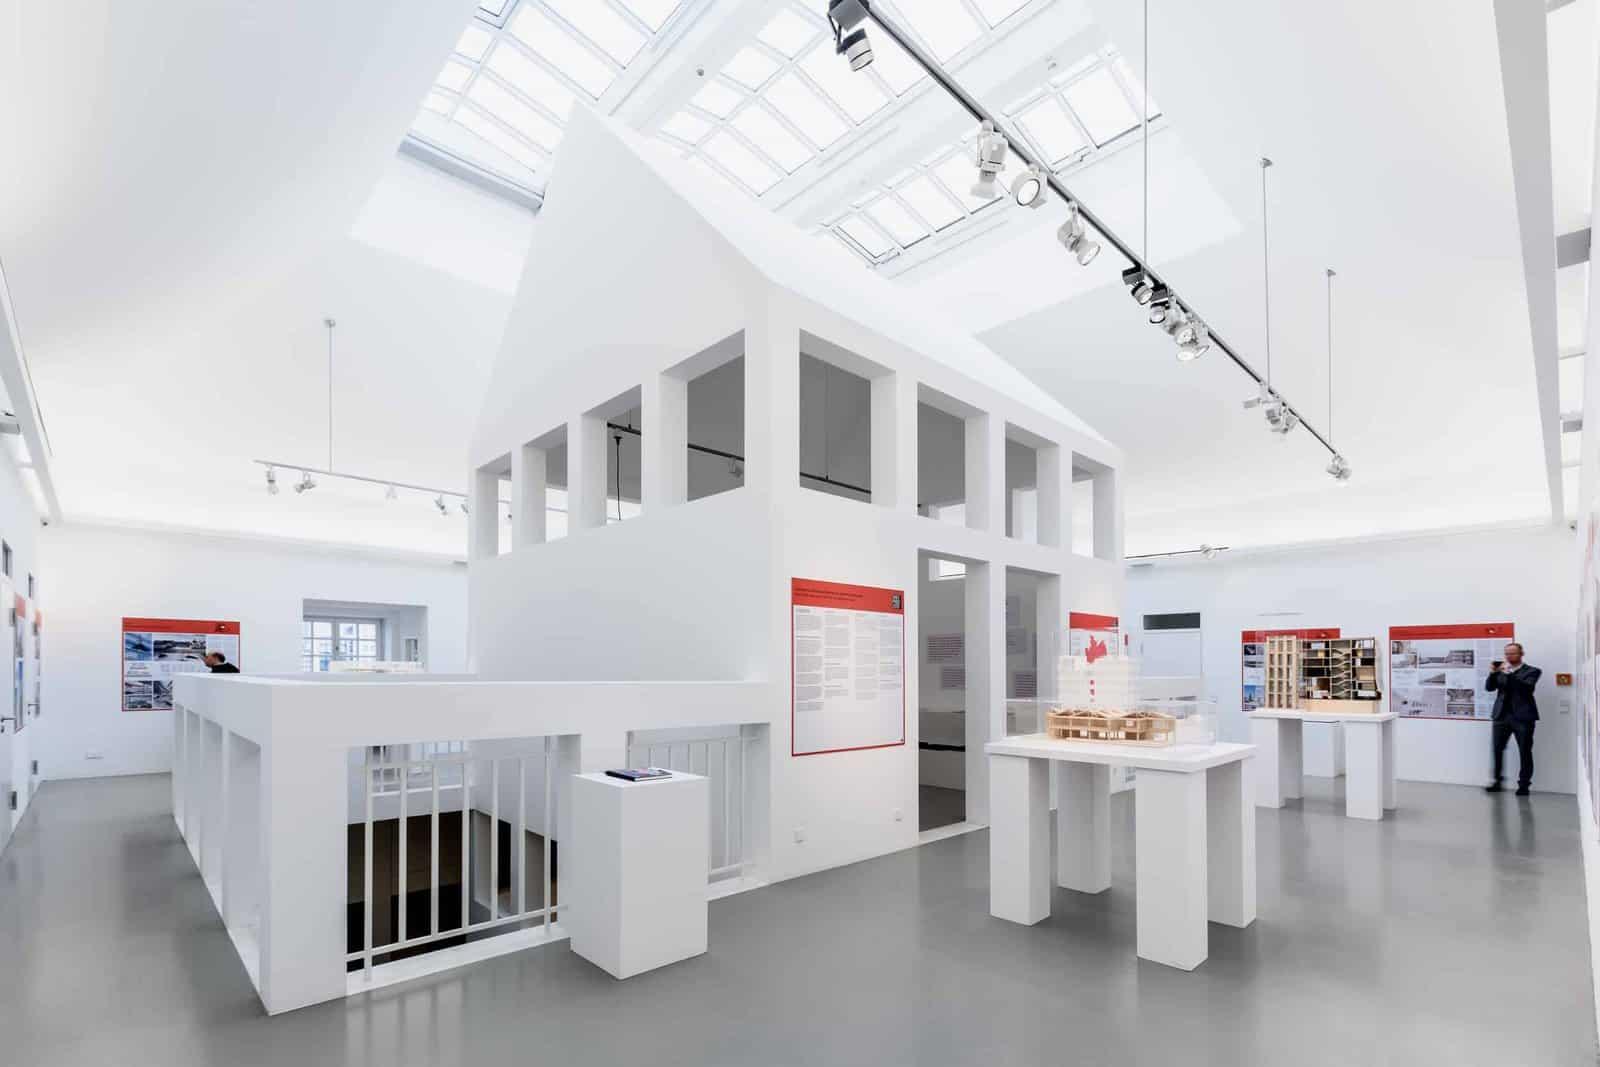 DAM Preis 2019, Eindrücke der Ausstellung \ Foto: Moritz Bernoully